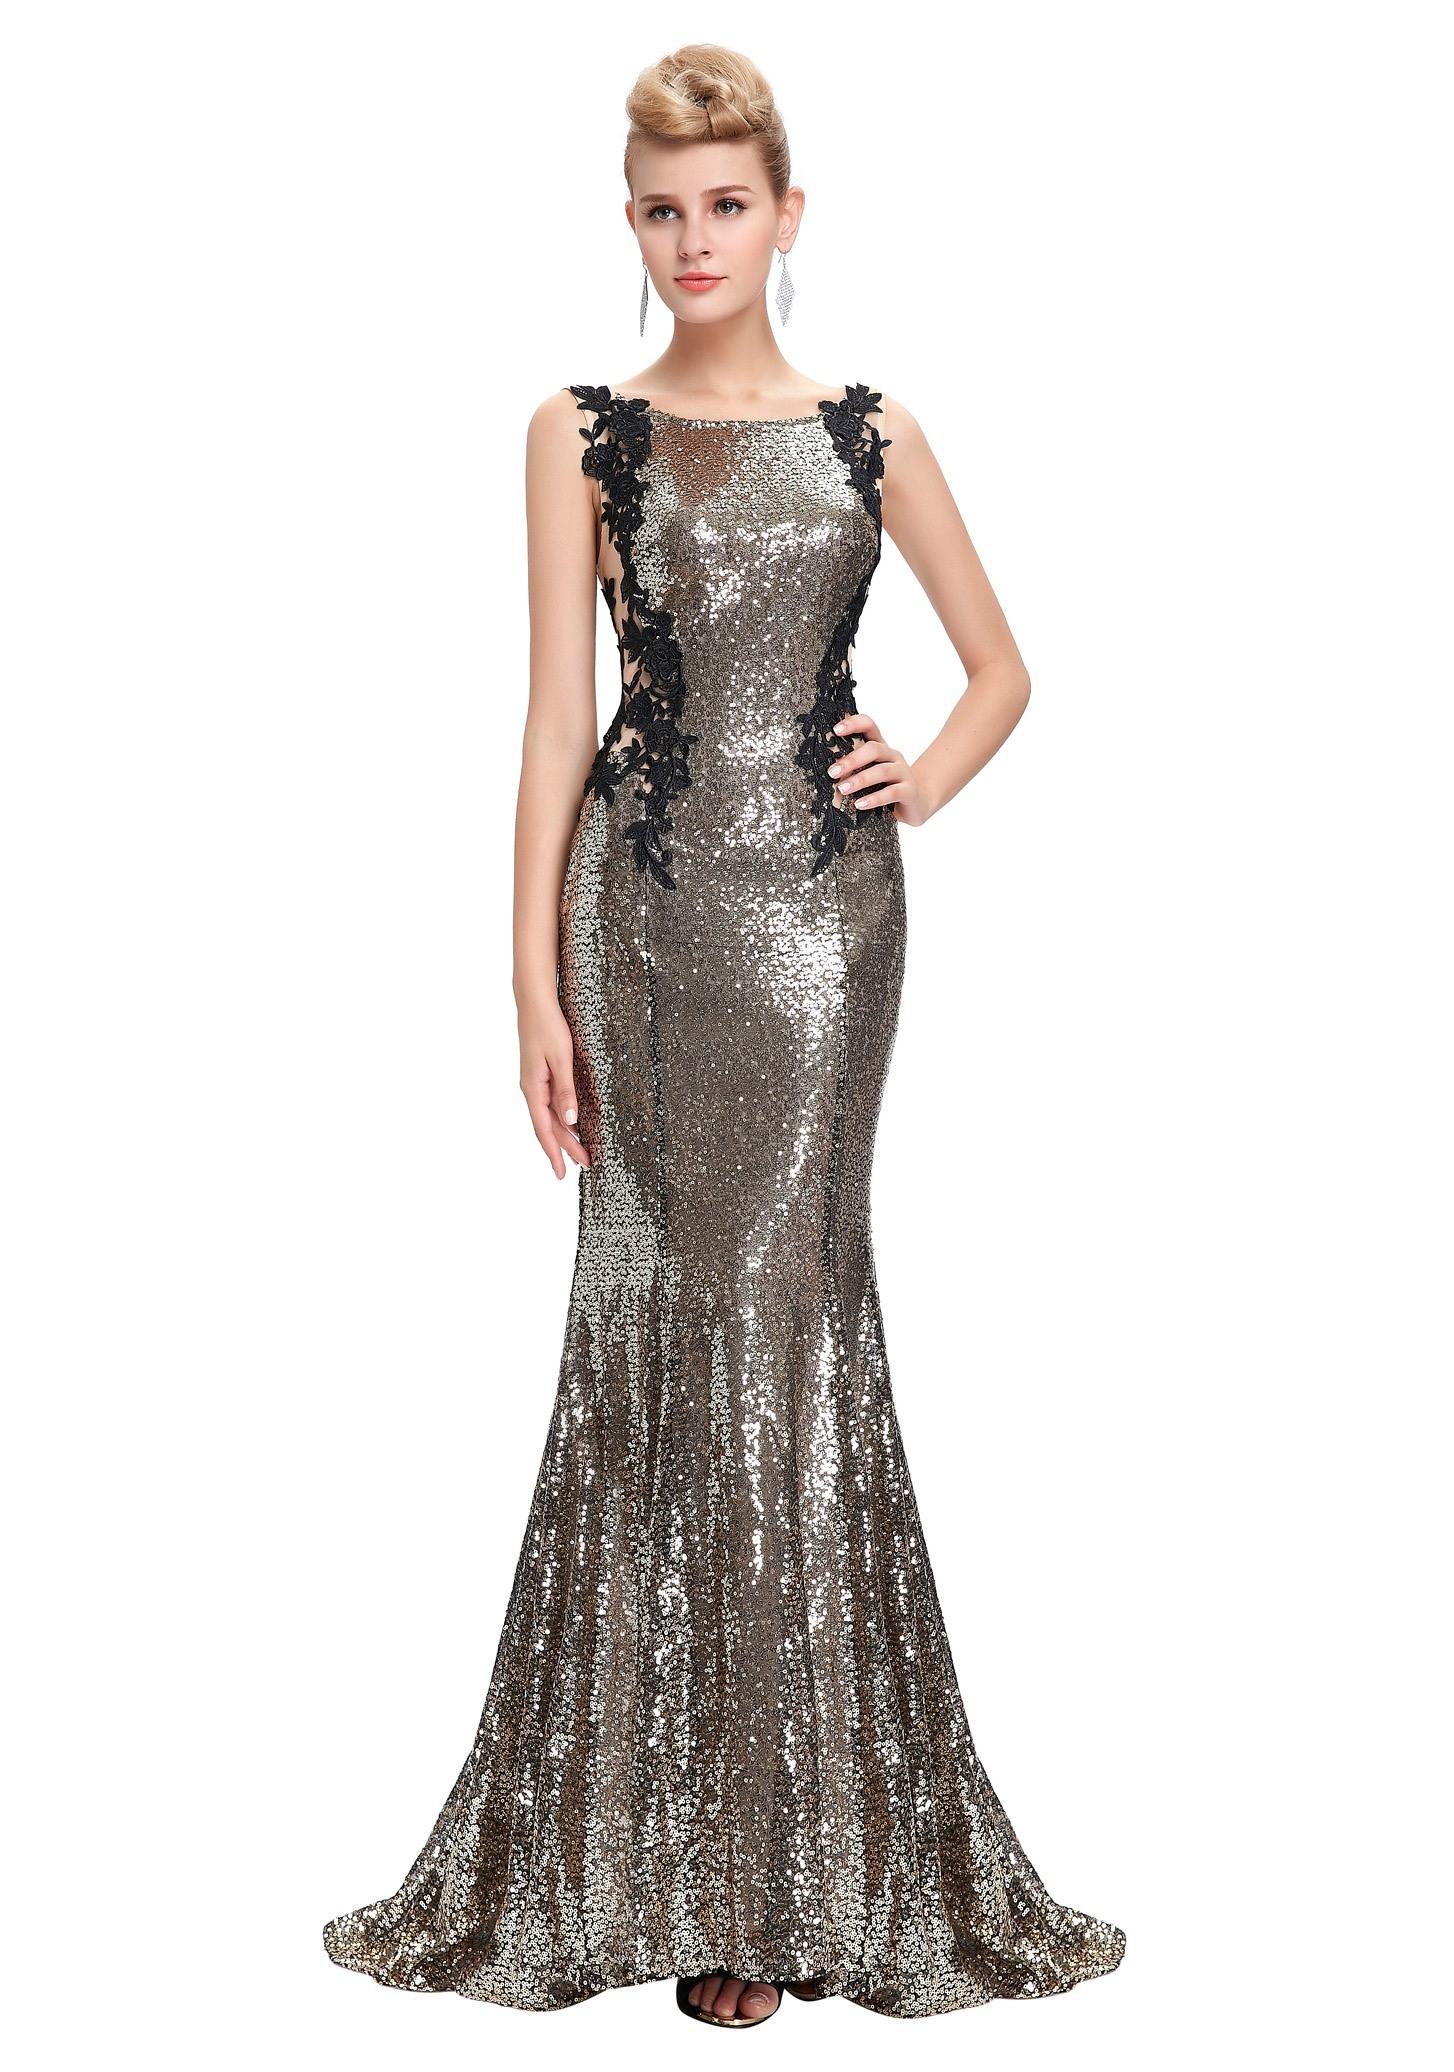 20 Fantastisch Billige Abendkleider Lang BoutiqueFormal Leicht Billige Abendkleider Lang Stylish